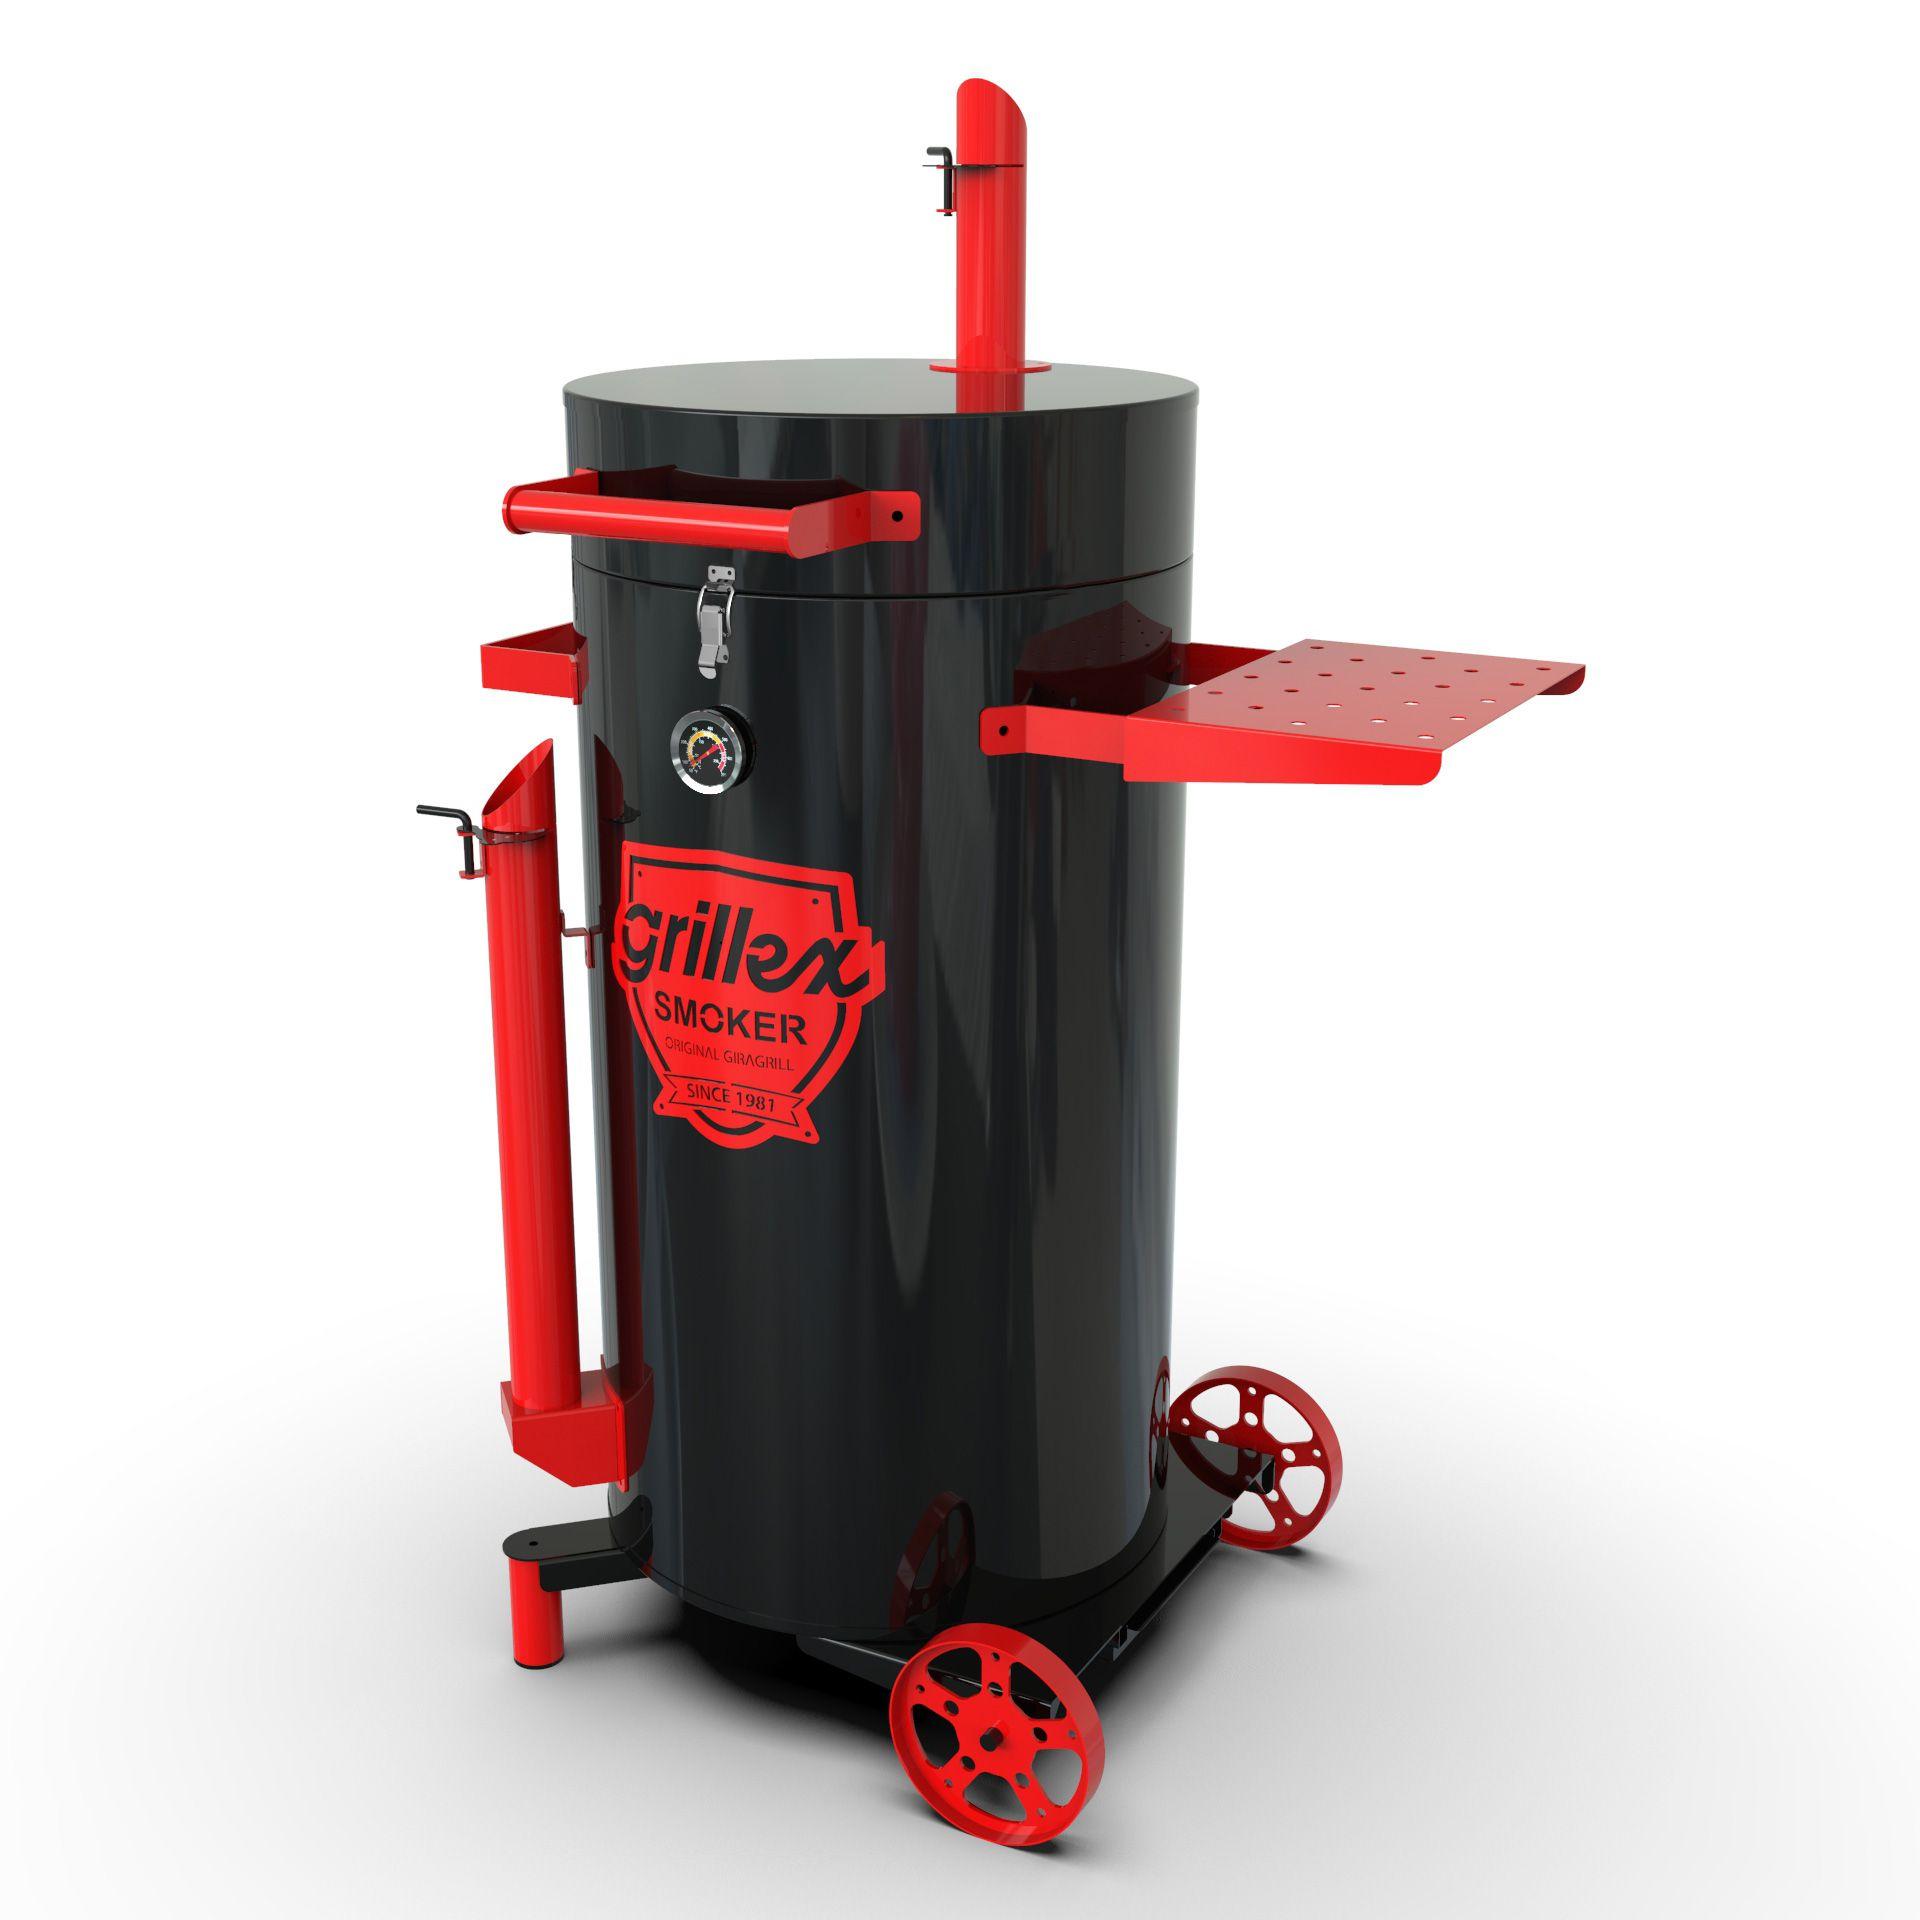 Grillex Drum Smoker Preto/Vermelho